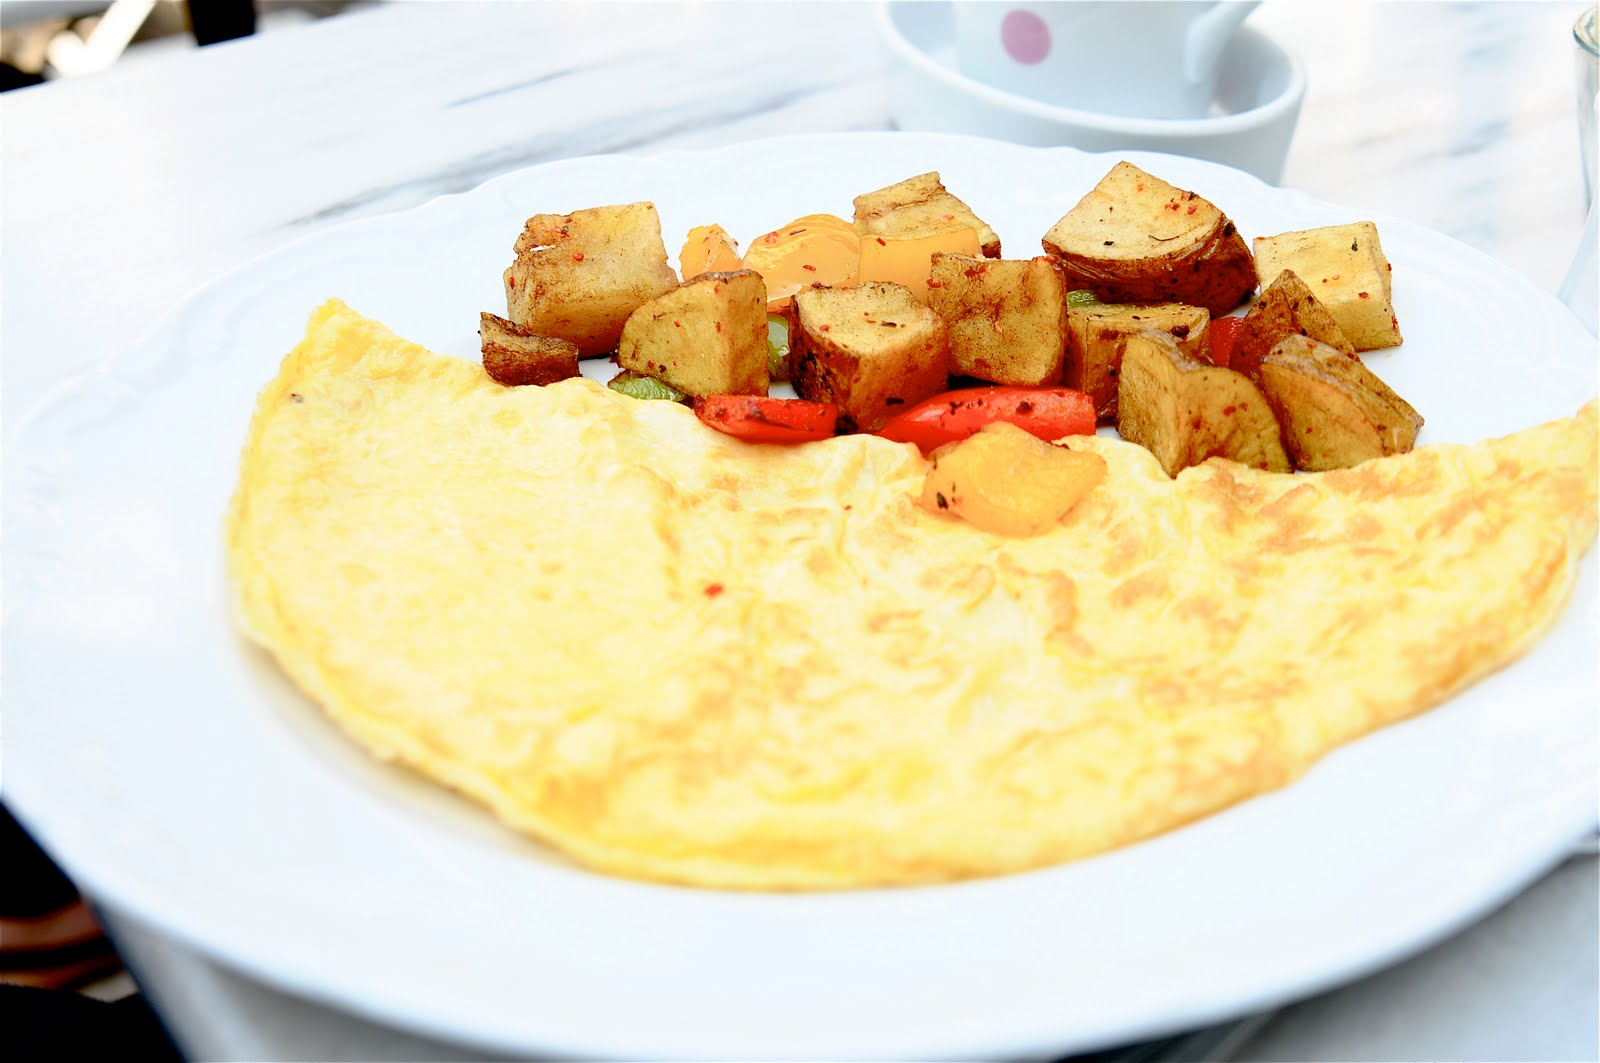 Yumurta ve yoğurt ile kiloyu unut 97